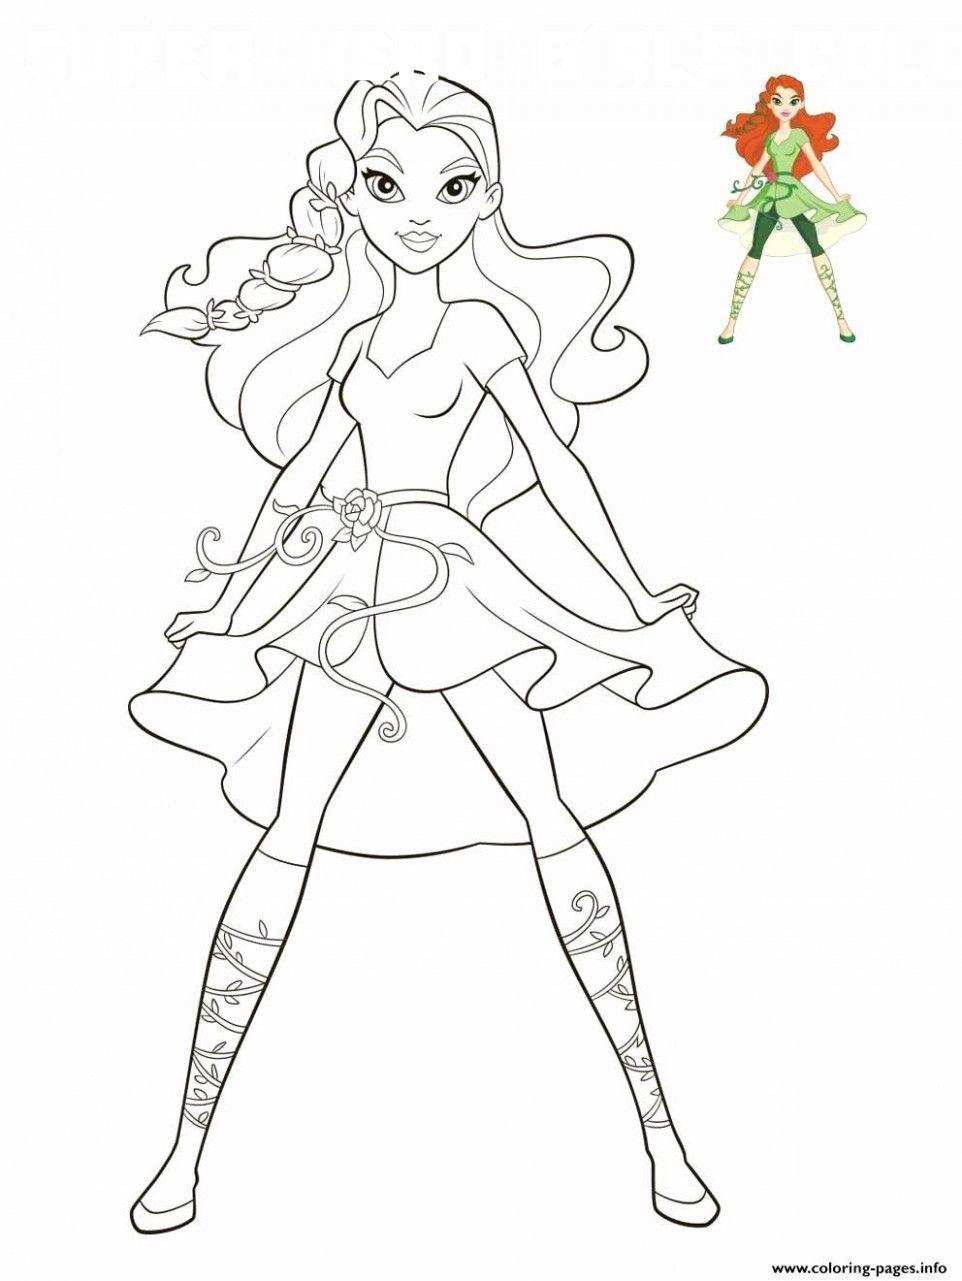 6 Super Hero Girls Coloring in 2020 | Superhero coloring ...